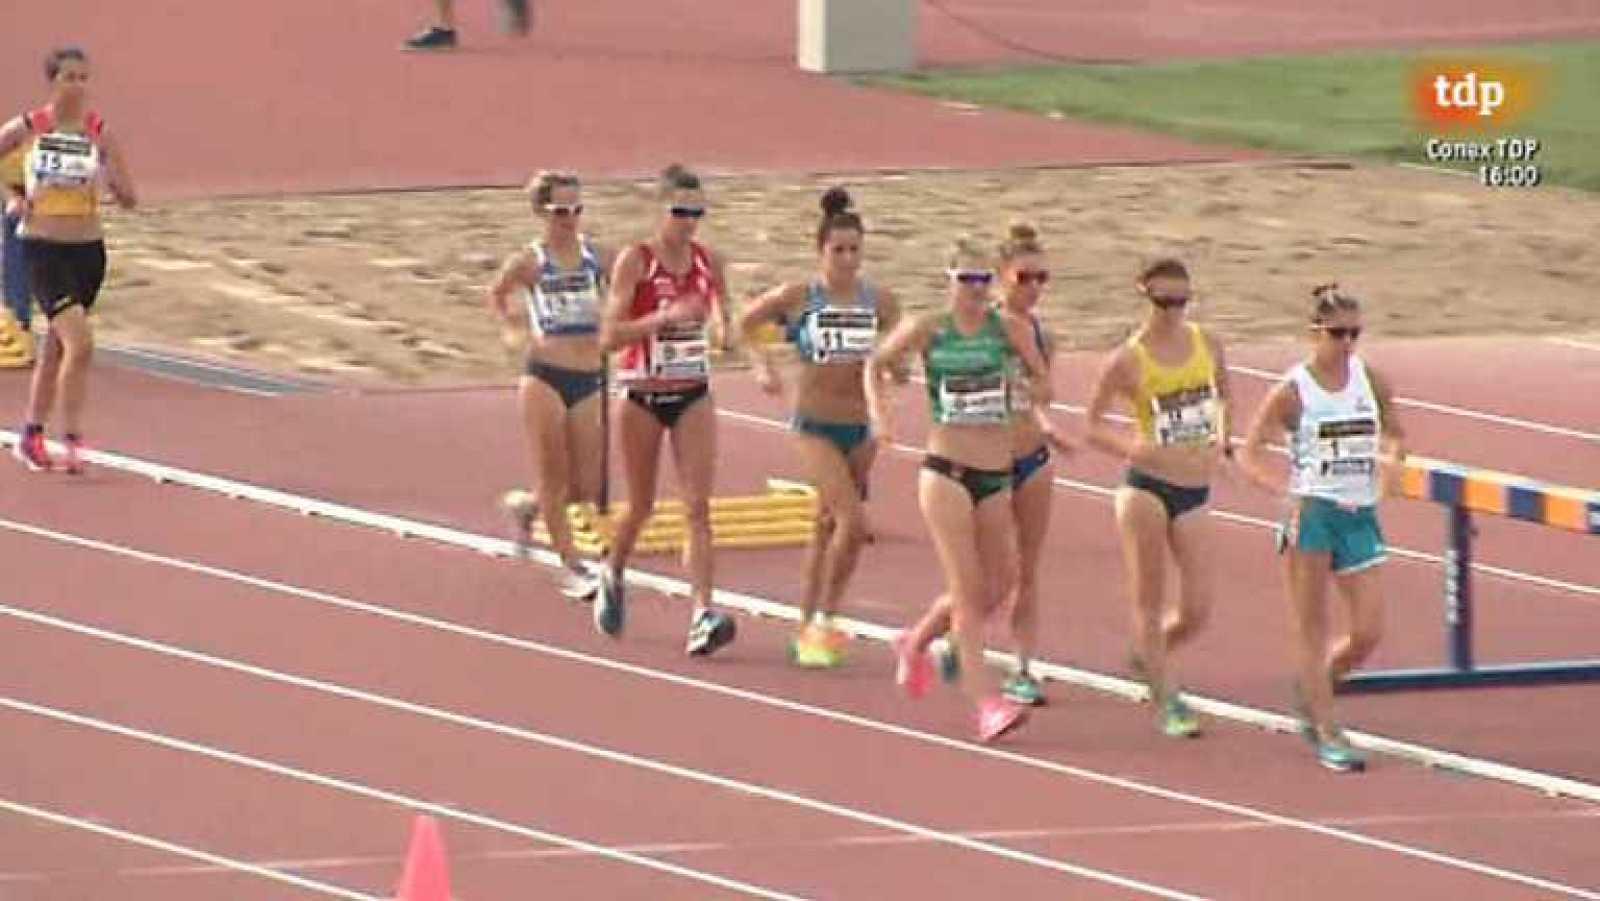 Atletismo - Campeonato de España de Clubes División de Honor - 03/07/14 - ver ahora